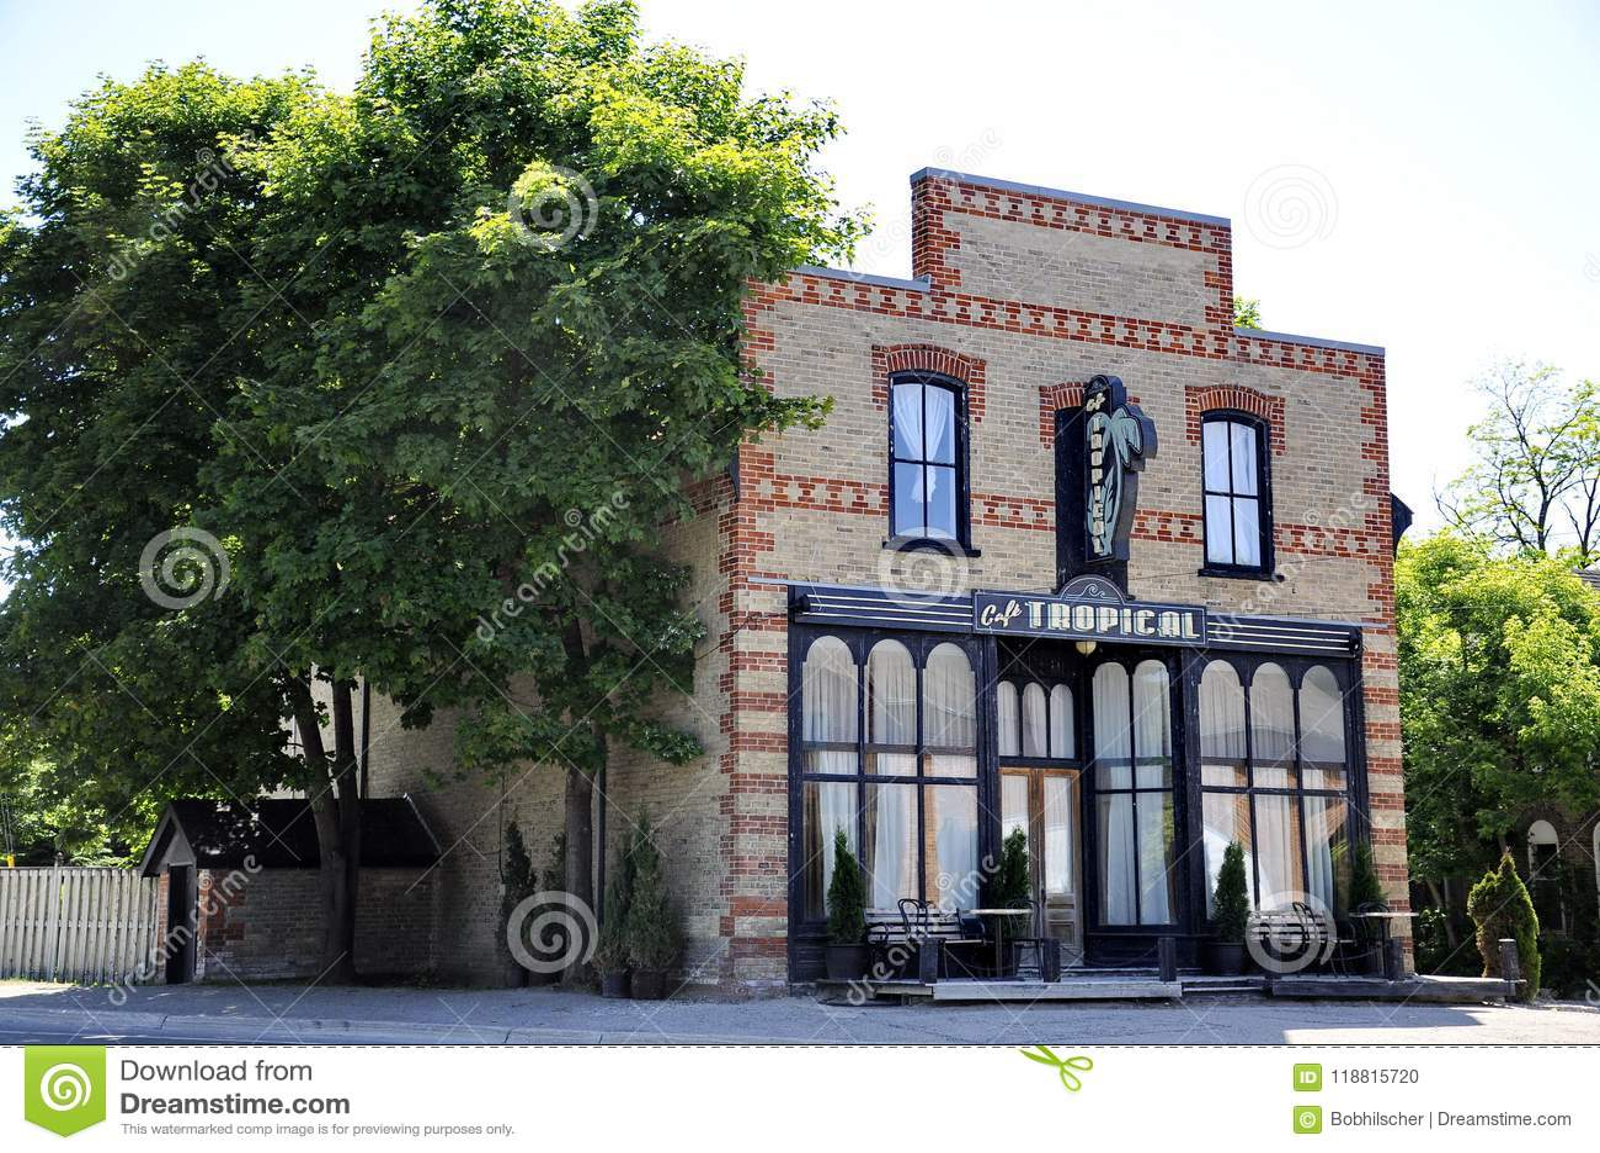 Café tropical un restaurant fictif décrit dans la série télévisée de crique du ` s de Schitt